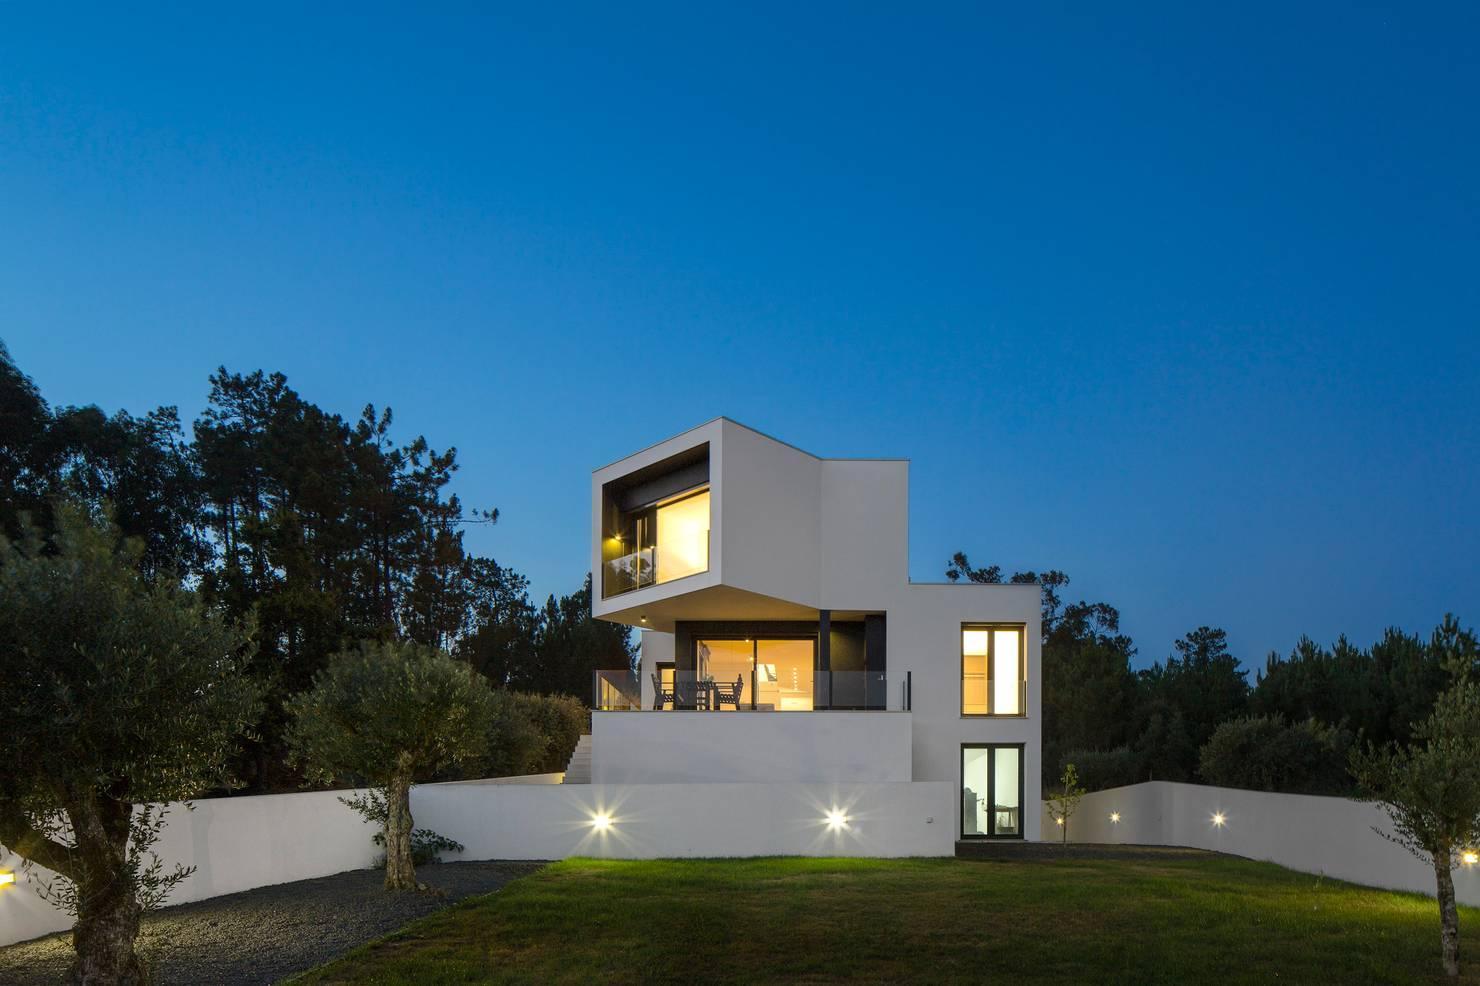 아름다운 풍경을 포착하는 형태가 입체감을 살리는 단독주택